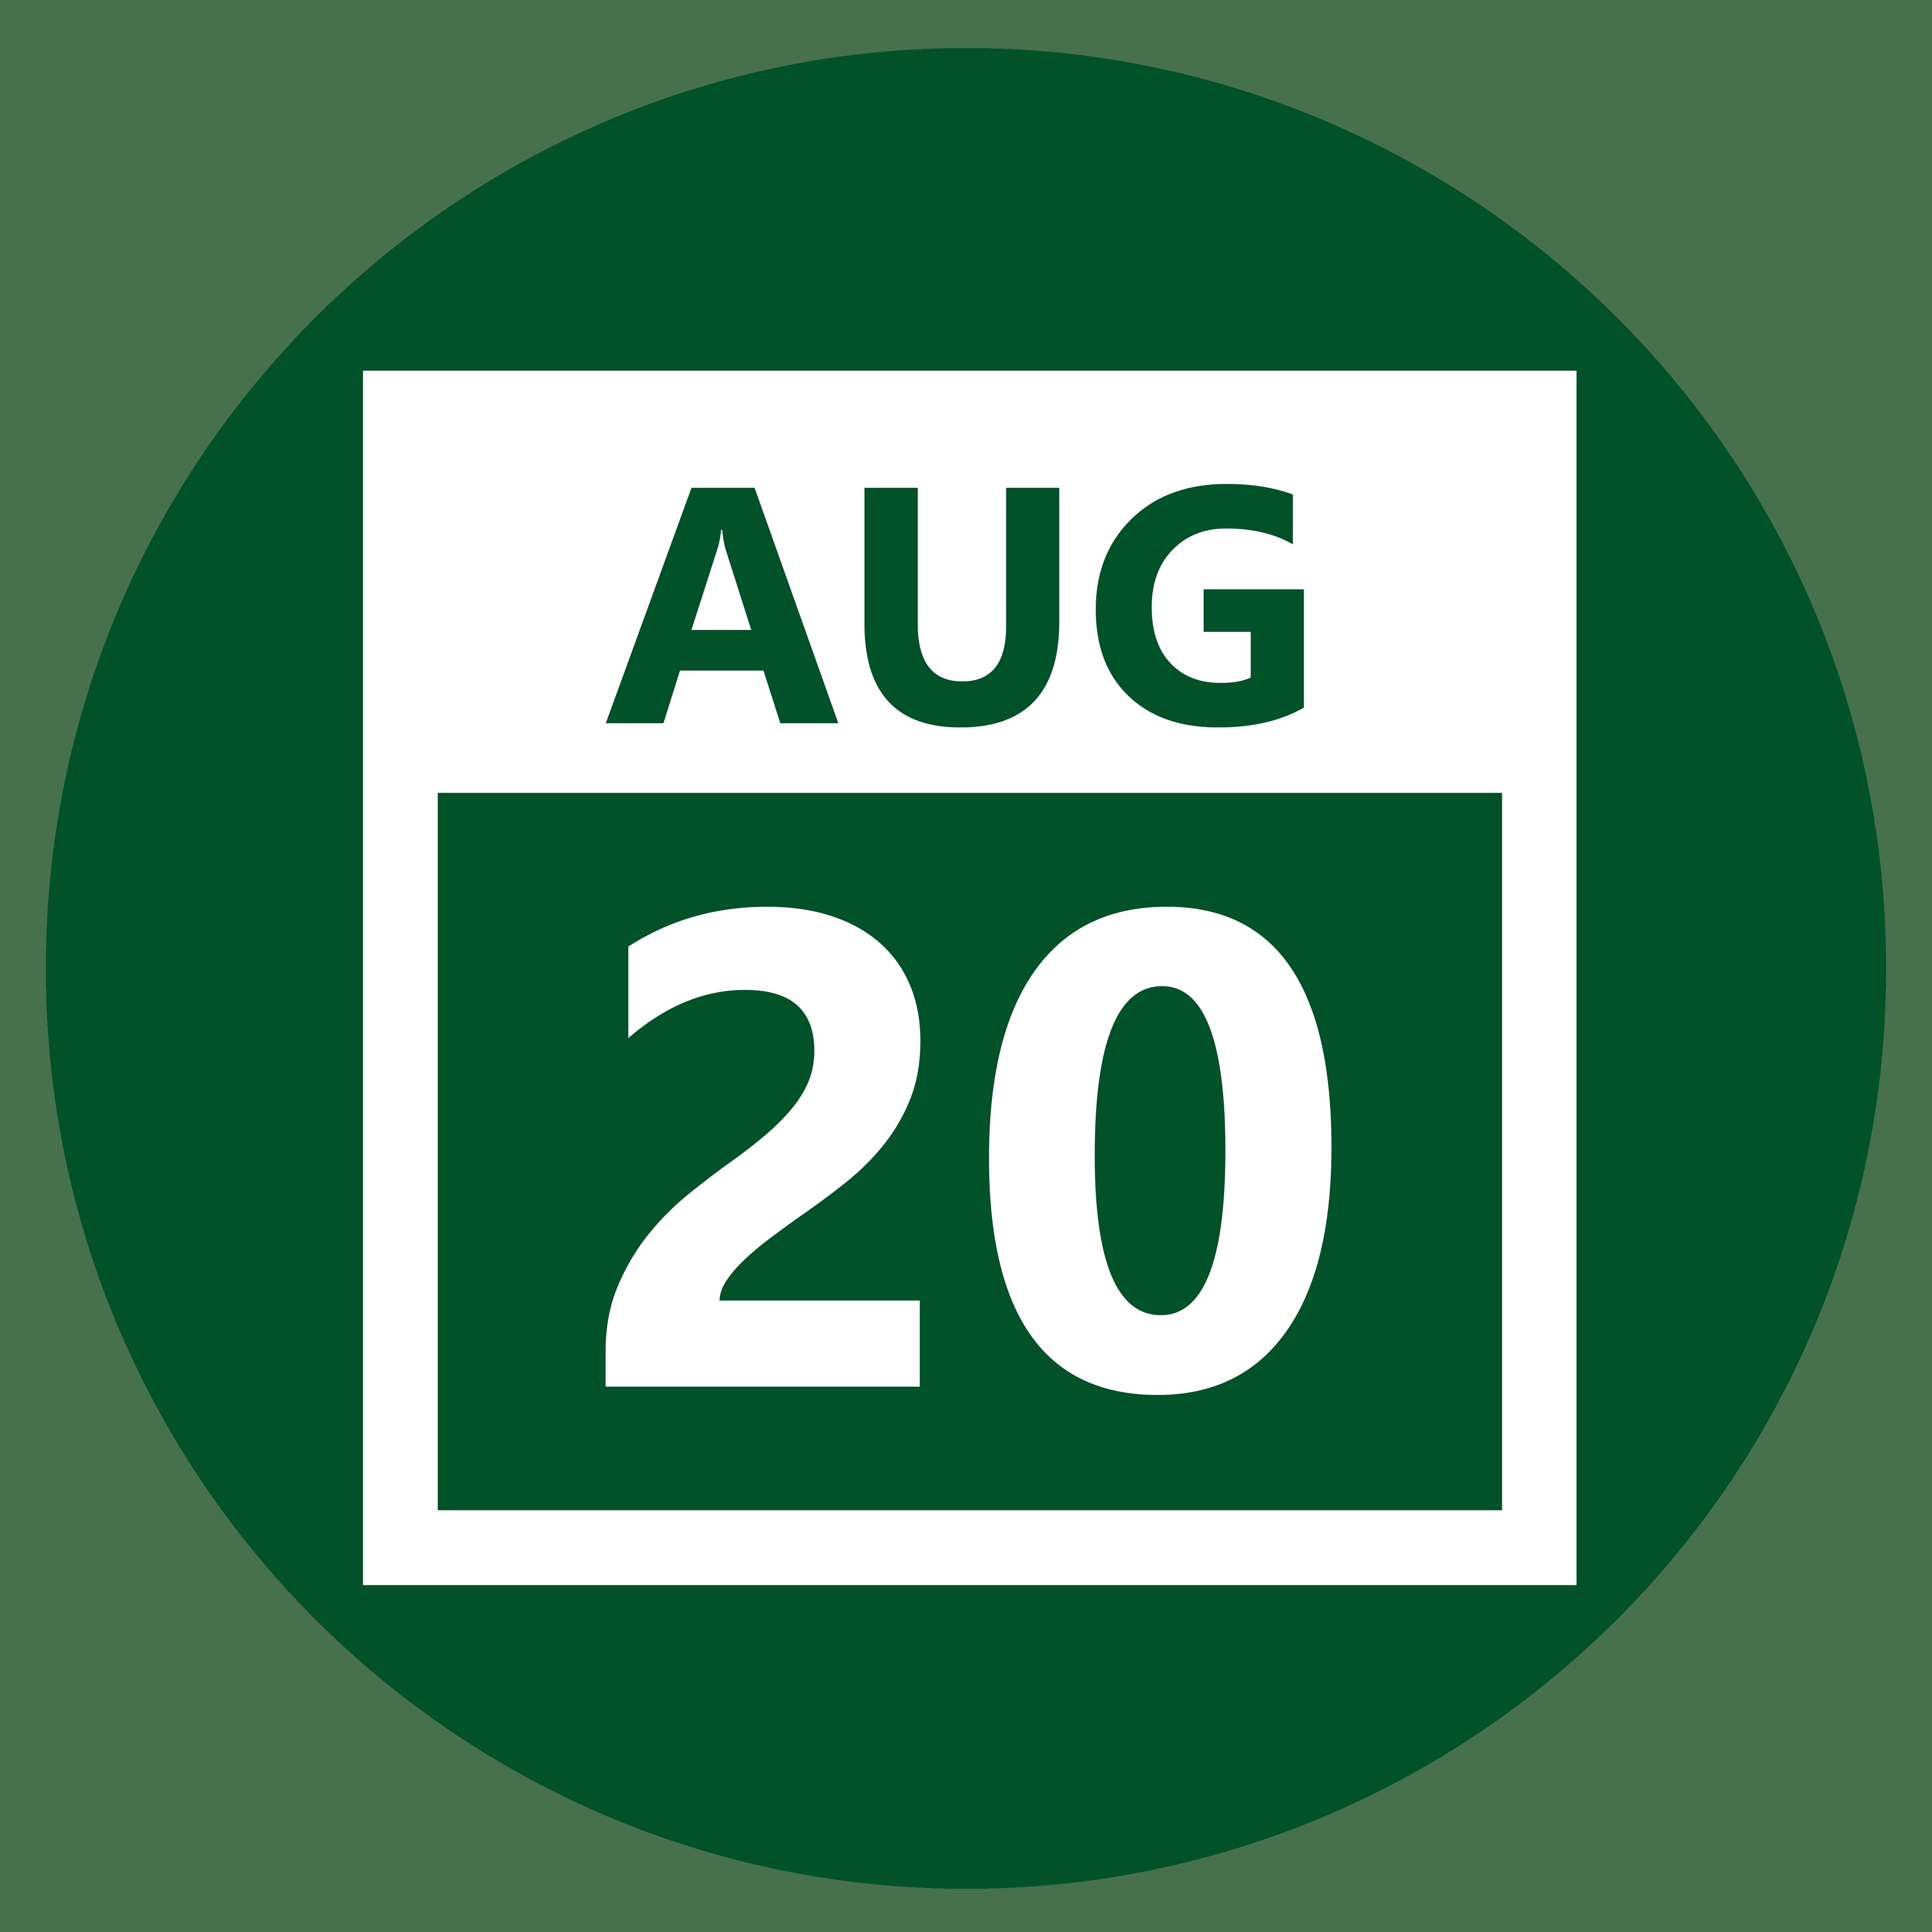 Tűzijáték-néző vonat augusztus 20-án